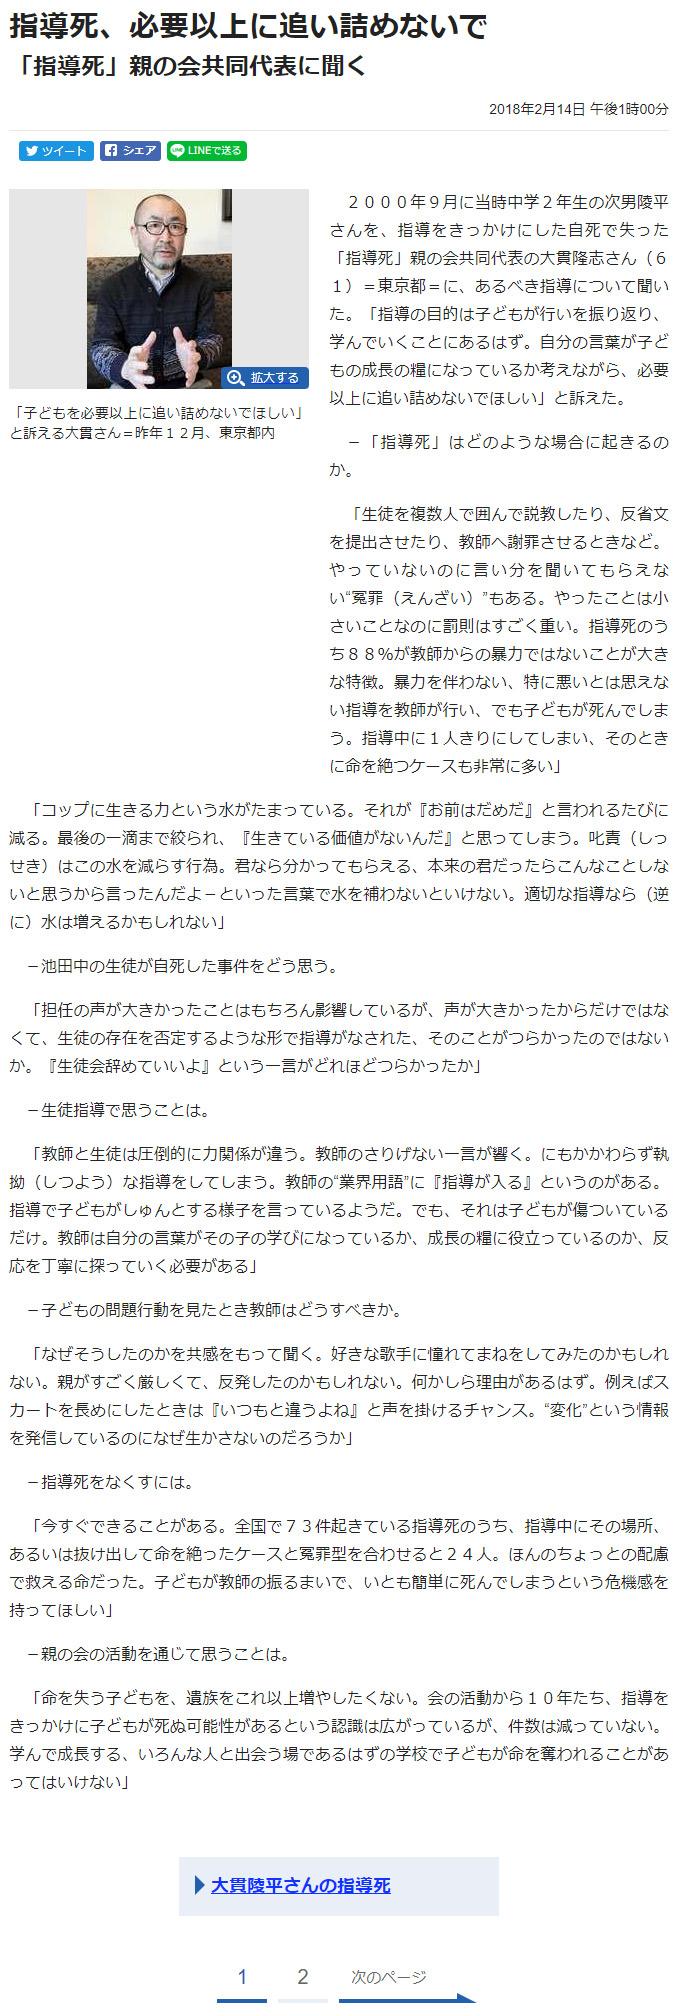 大貫隆志:福井新聞掲載、2018年2月14日「指導死、必要以上に追い詰めないで」